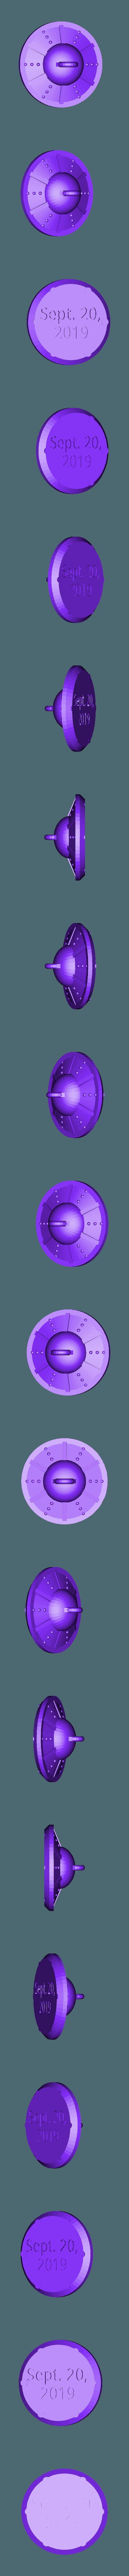 UFO_Keychain_v1.3_final.stl Download free STL file UFO Keychains! • 3D printer design, MakerMathieu